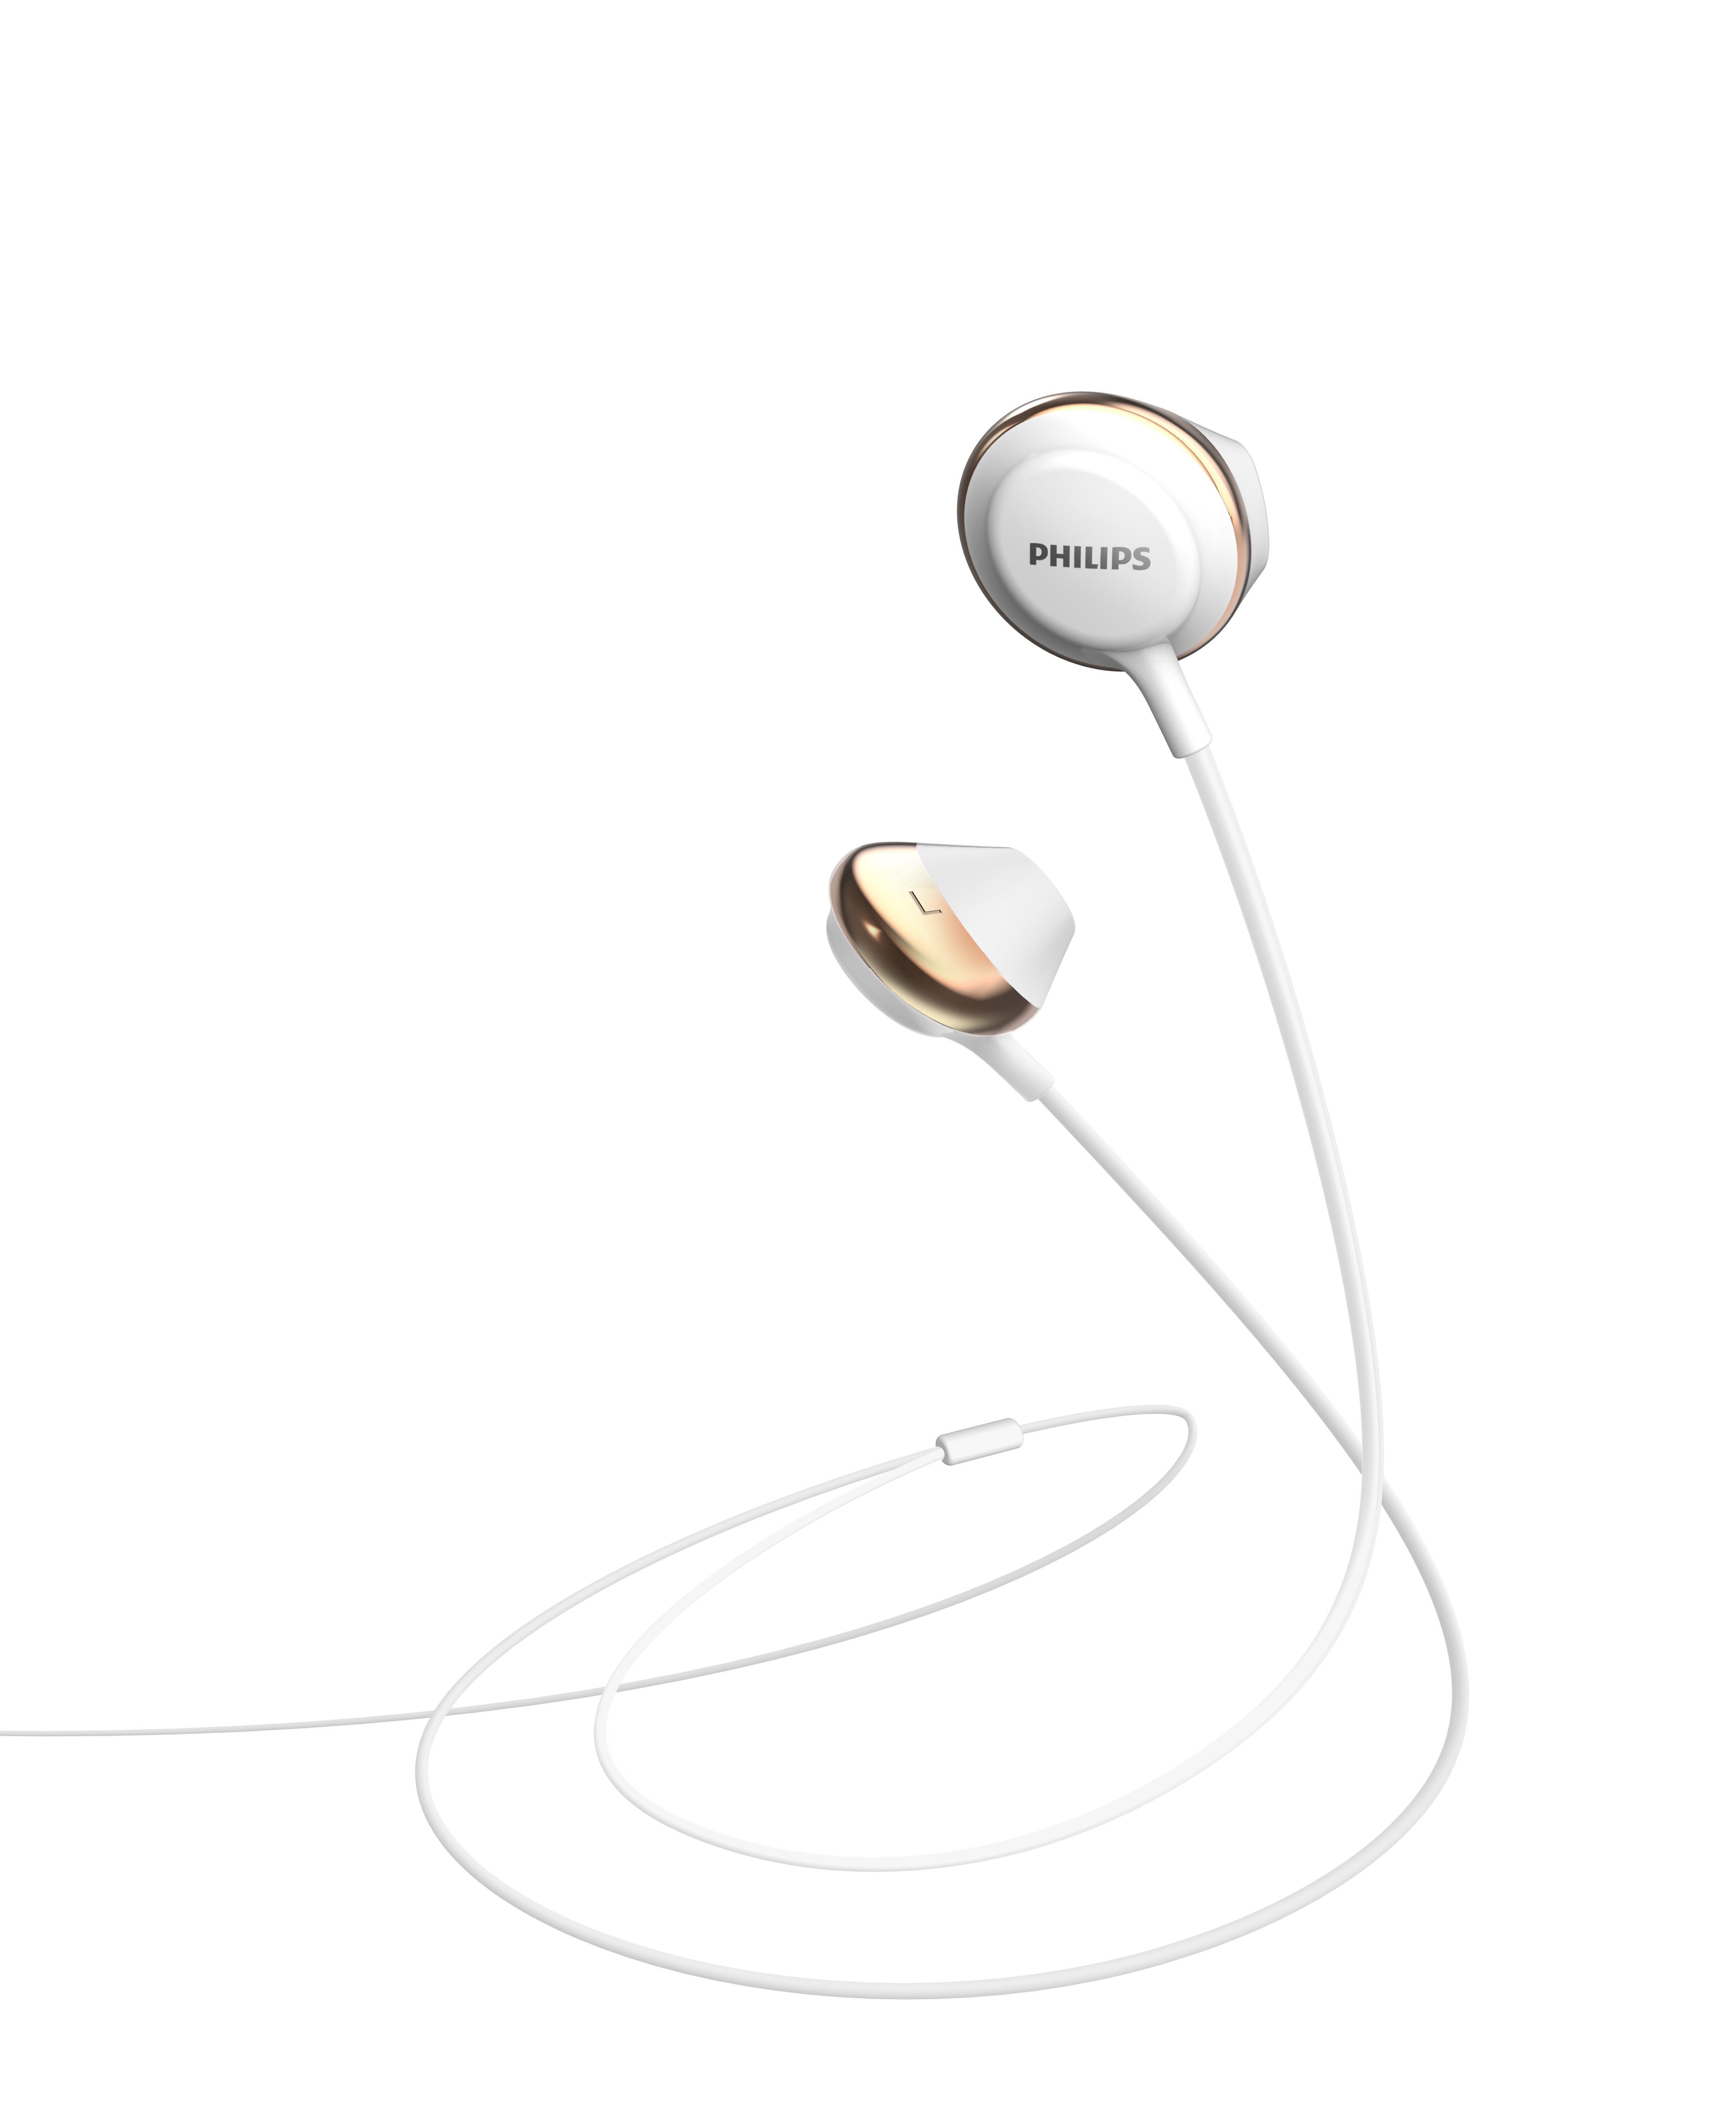 2-philips_flite_hyprlite_headphones_she4200wt_image1